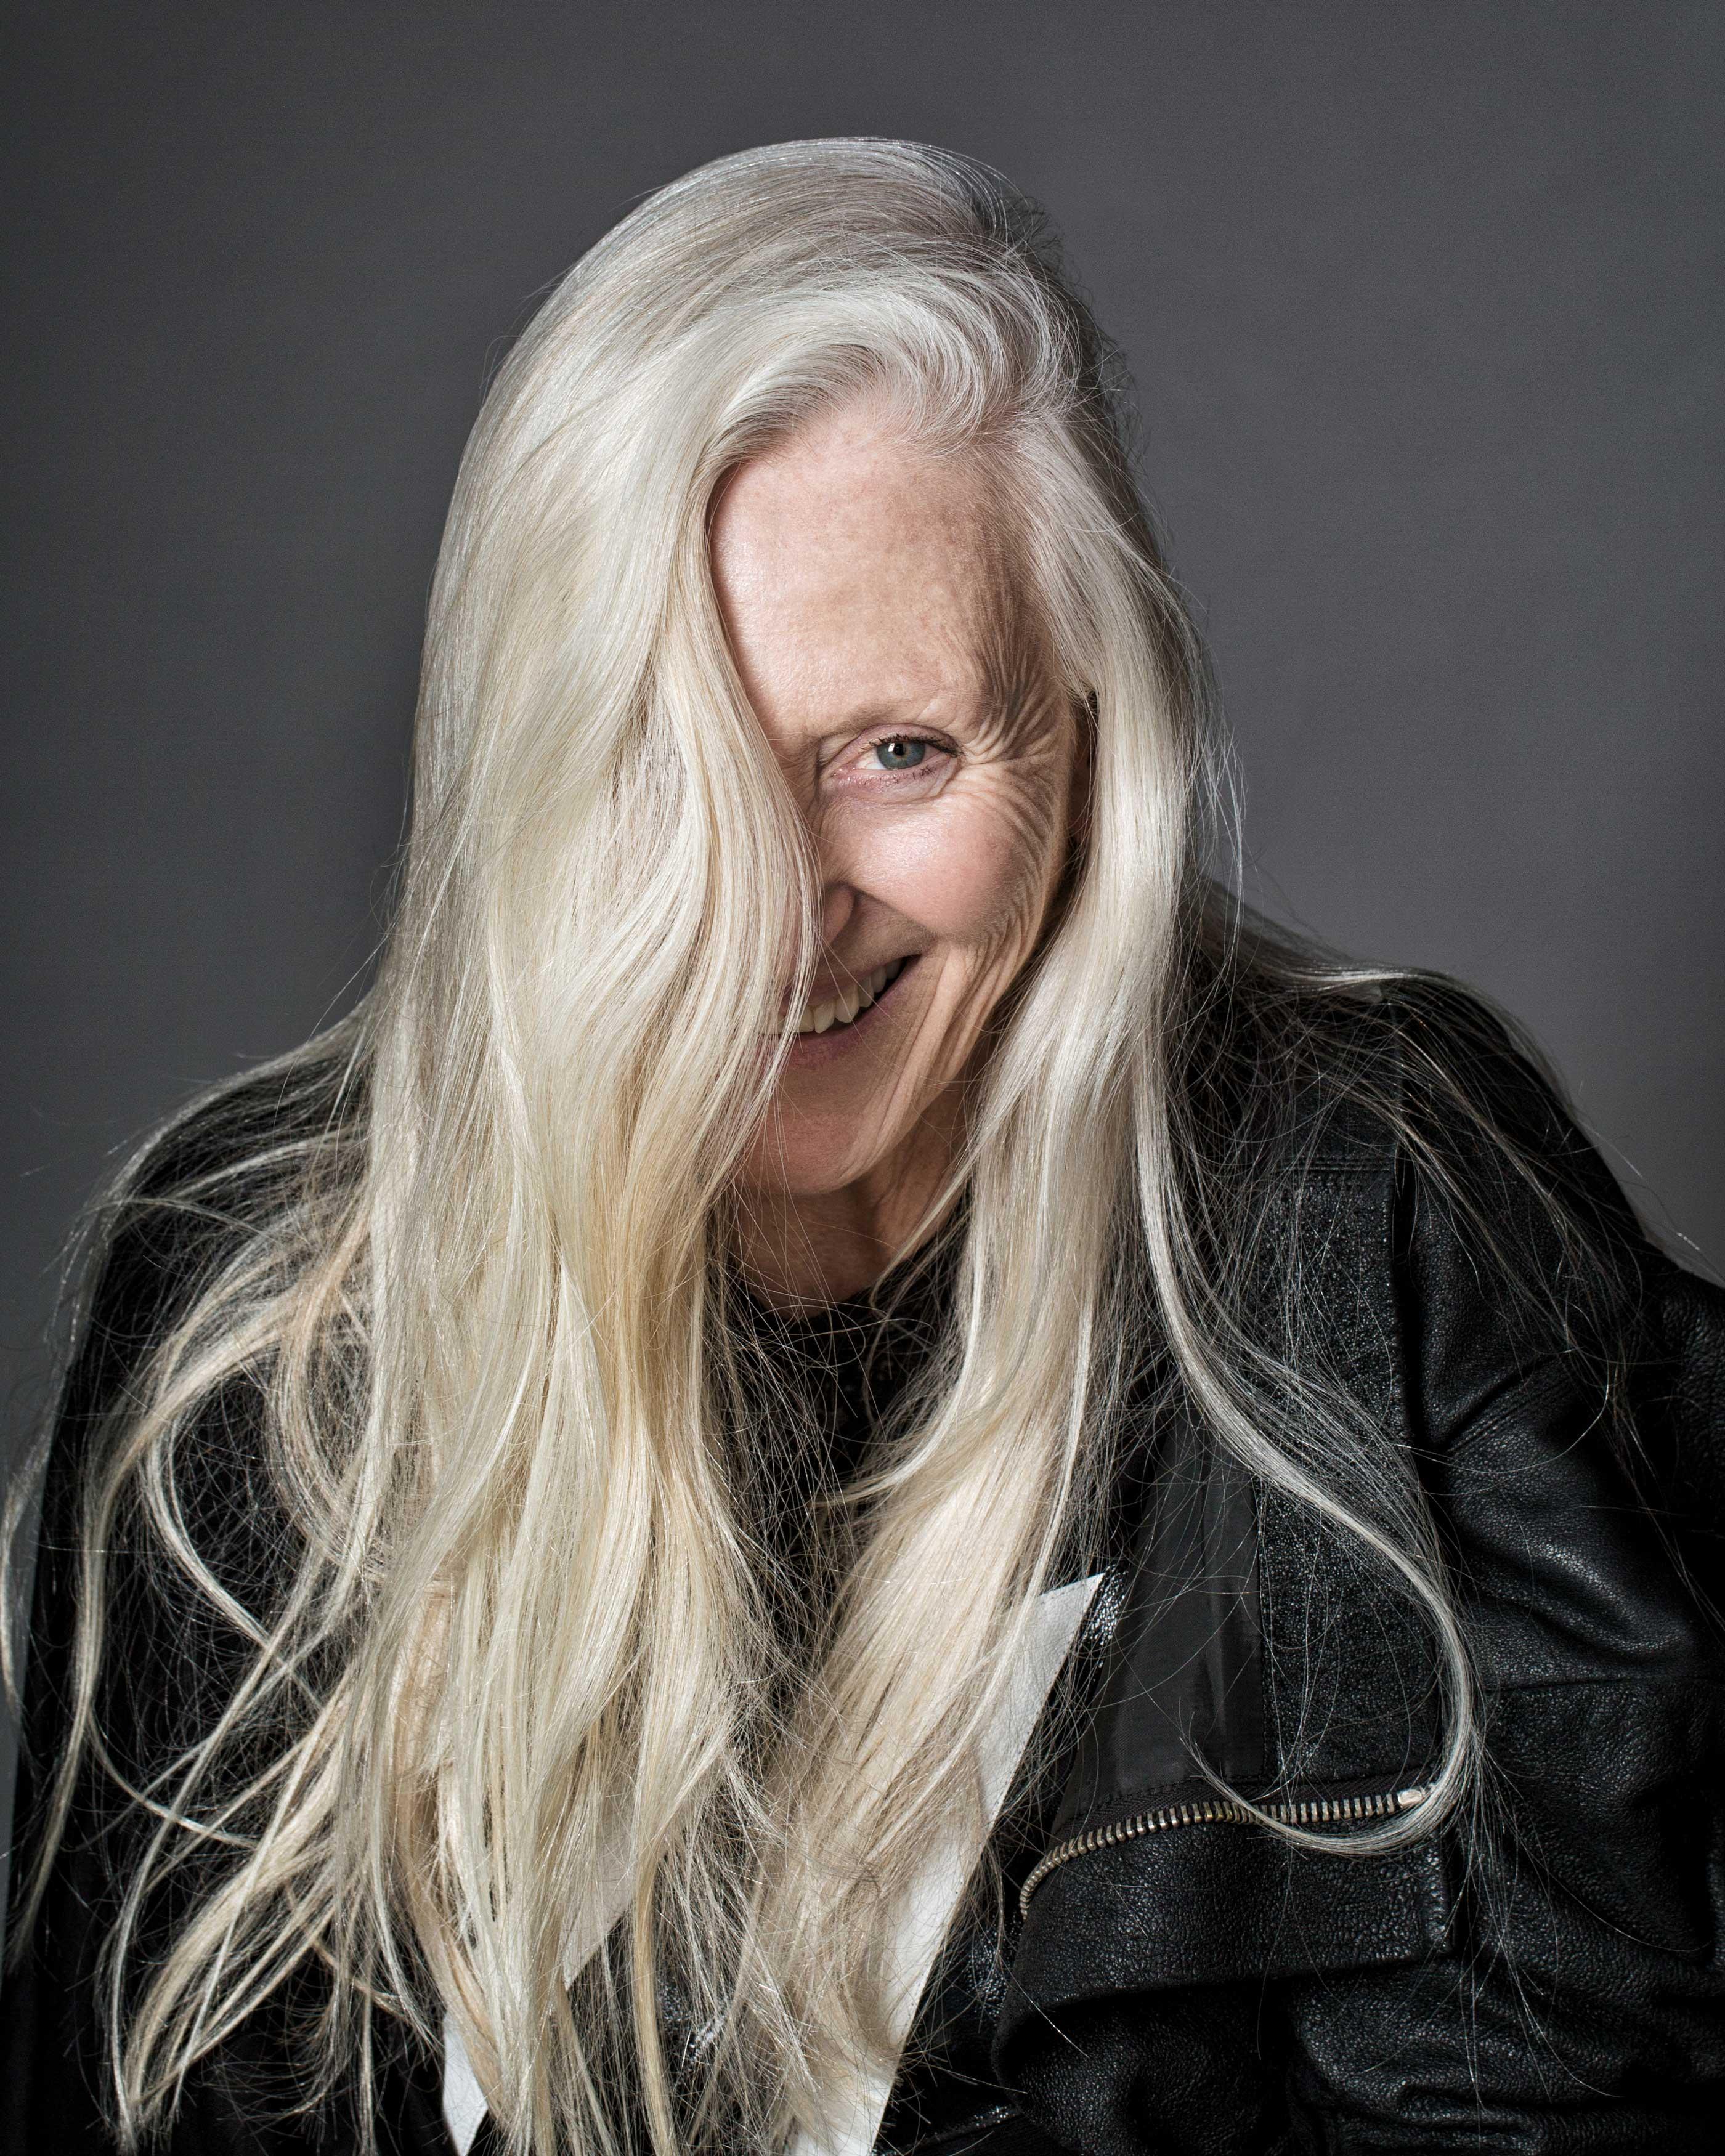 Gillean Mcleod for Huemn's LA Stories